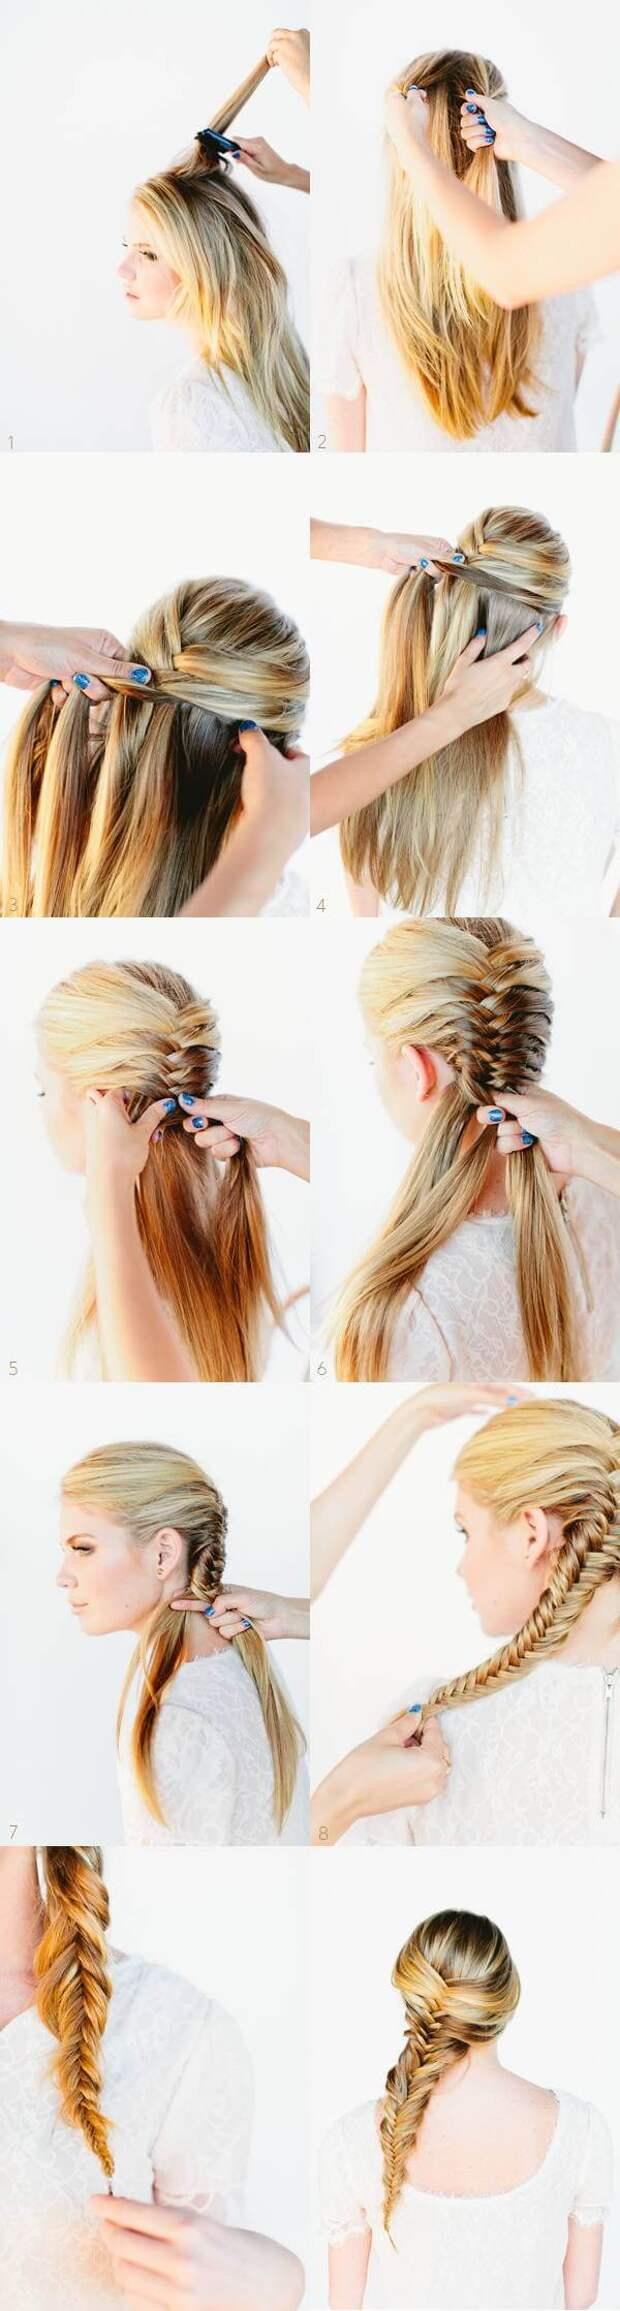 Простая укладка на каждый день: 10 вариантов для любых волос